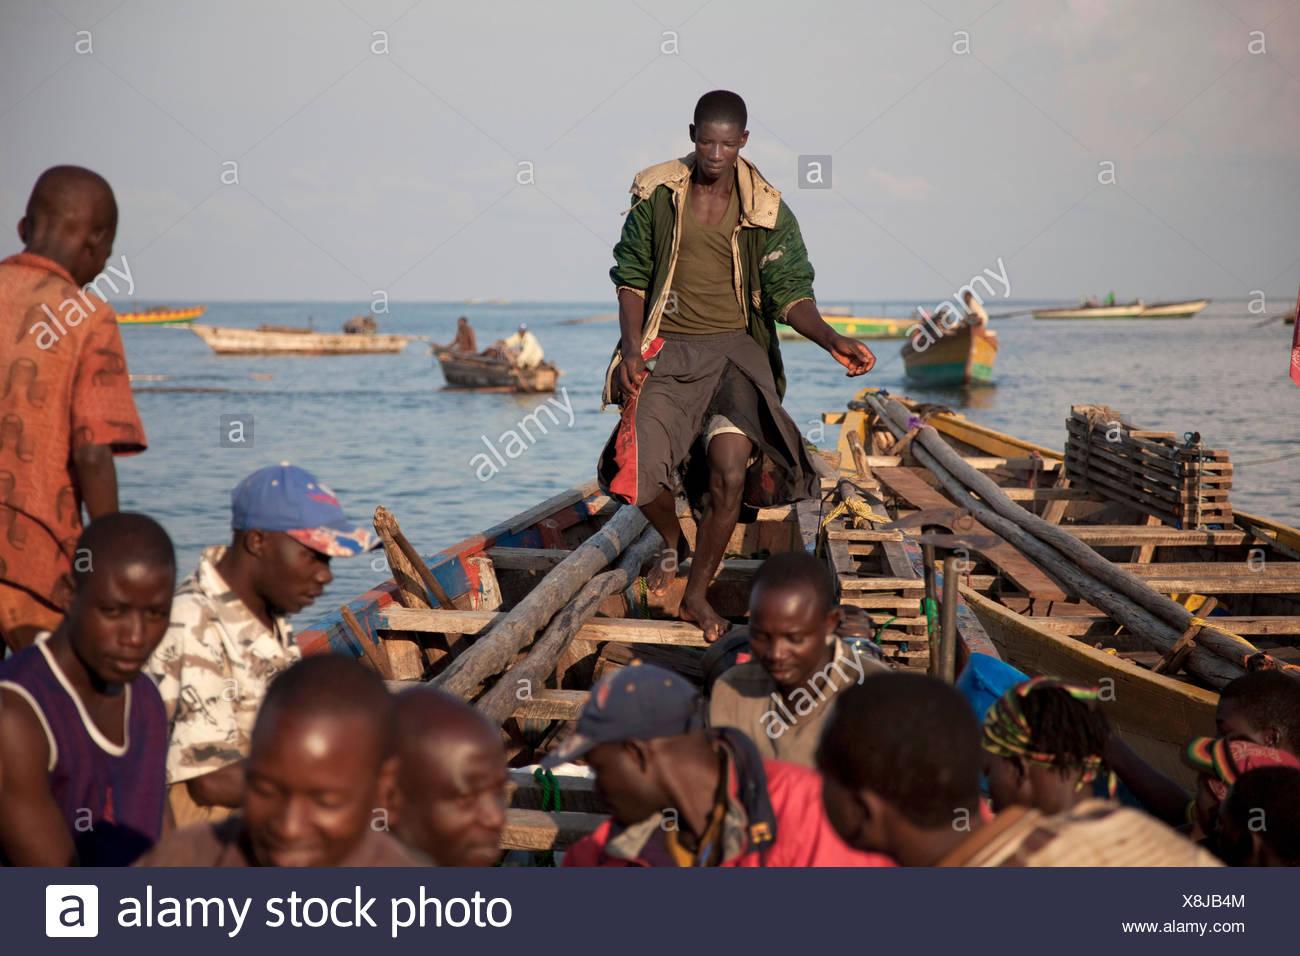 Einige Fischer am Ufer Sees eine vor kurzem landete Boot entladen Burundi, Nyanza Lac, Mvugo, Nyanza Lac Stockbild